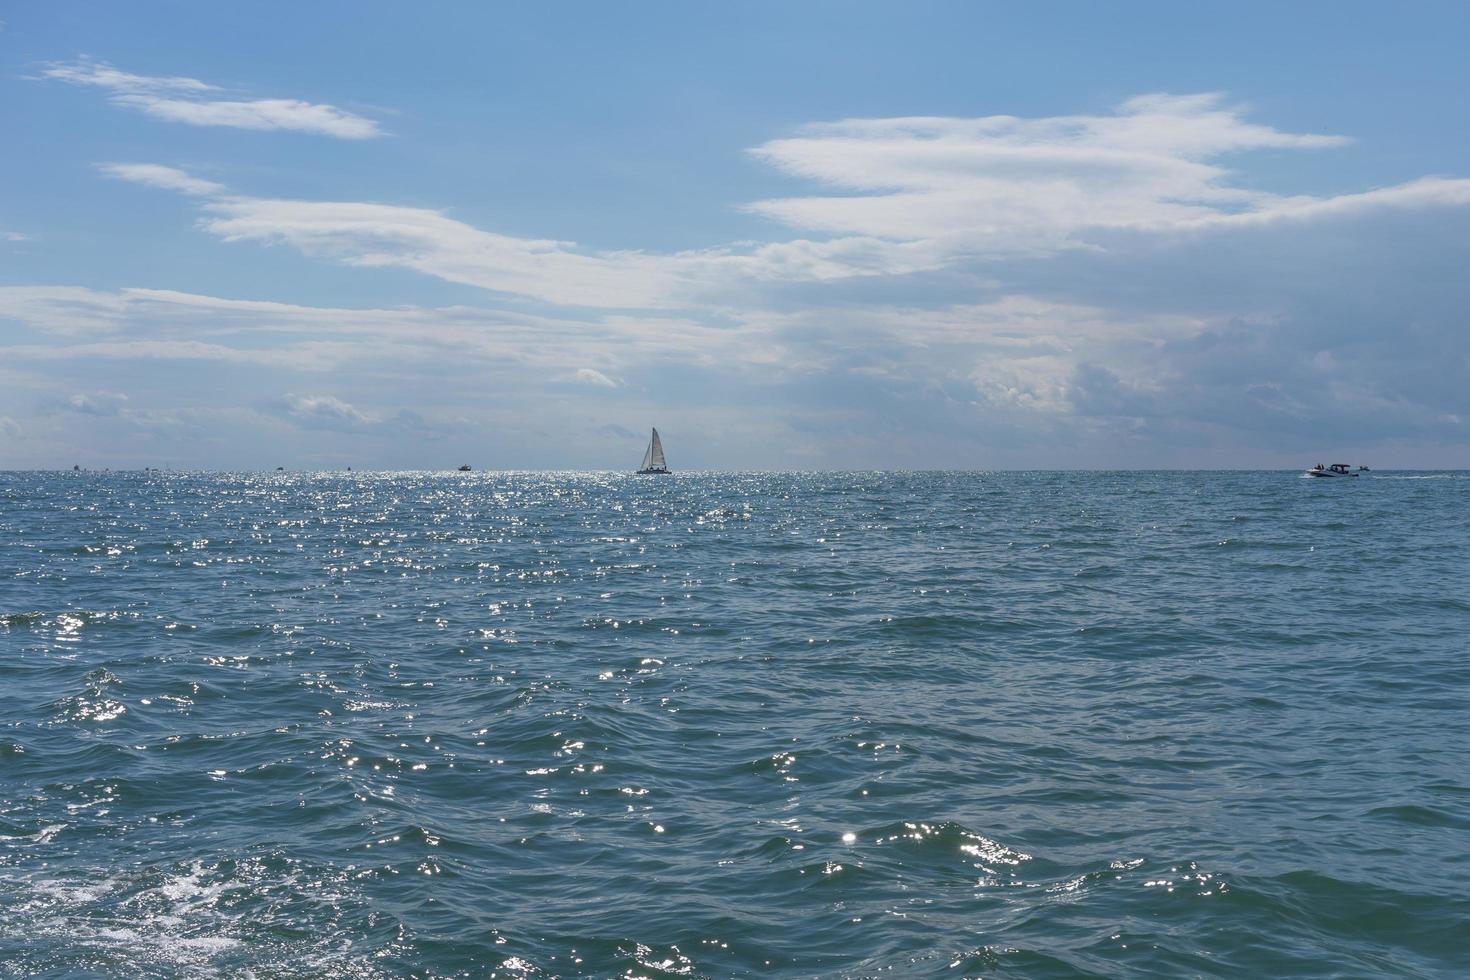 Paysage marin avec des bateaux lointains dans un plan d'eau contre le ciel bleu nuageux à Sotchi, Russie photo